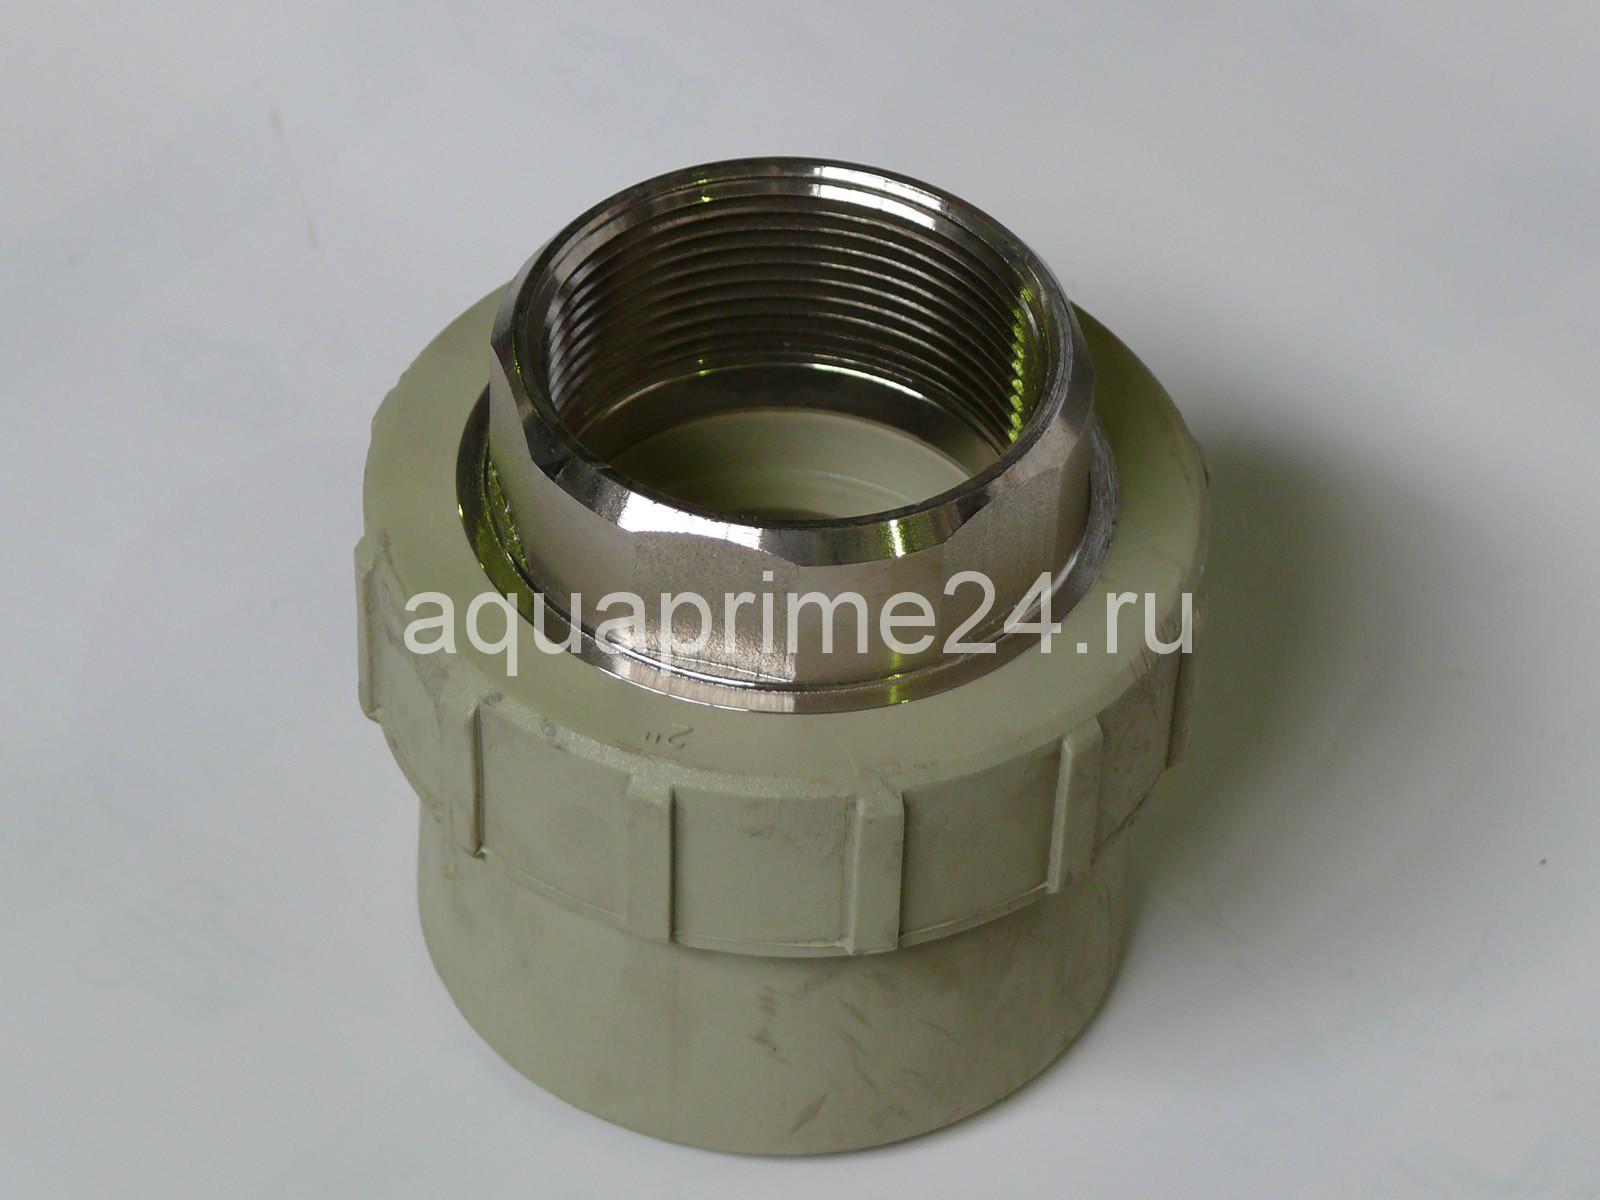 Муфты комбинированные PN25, ВР, полипропиленовые